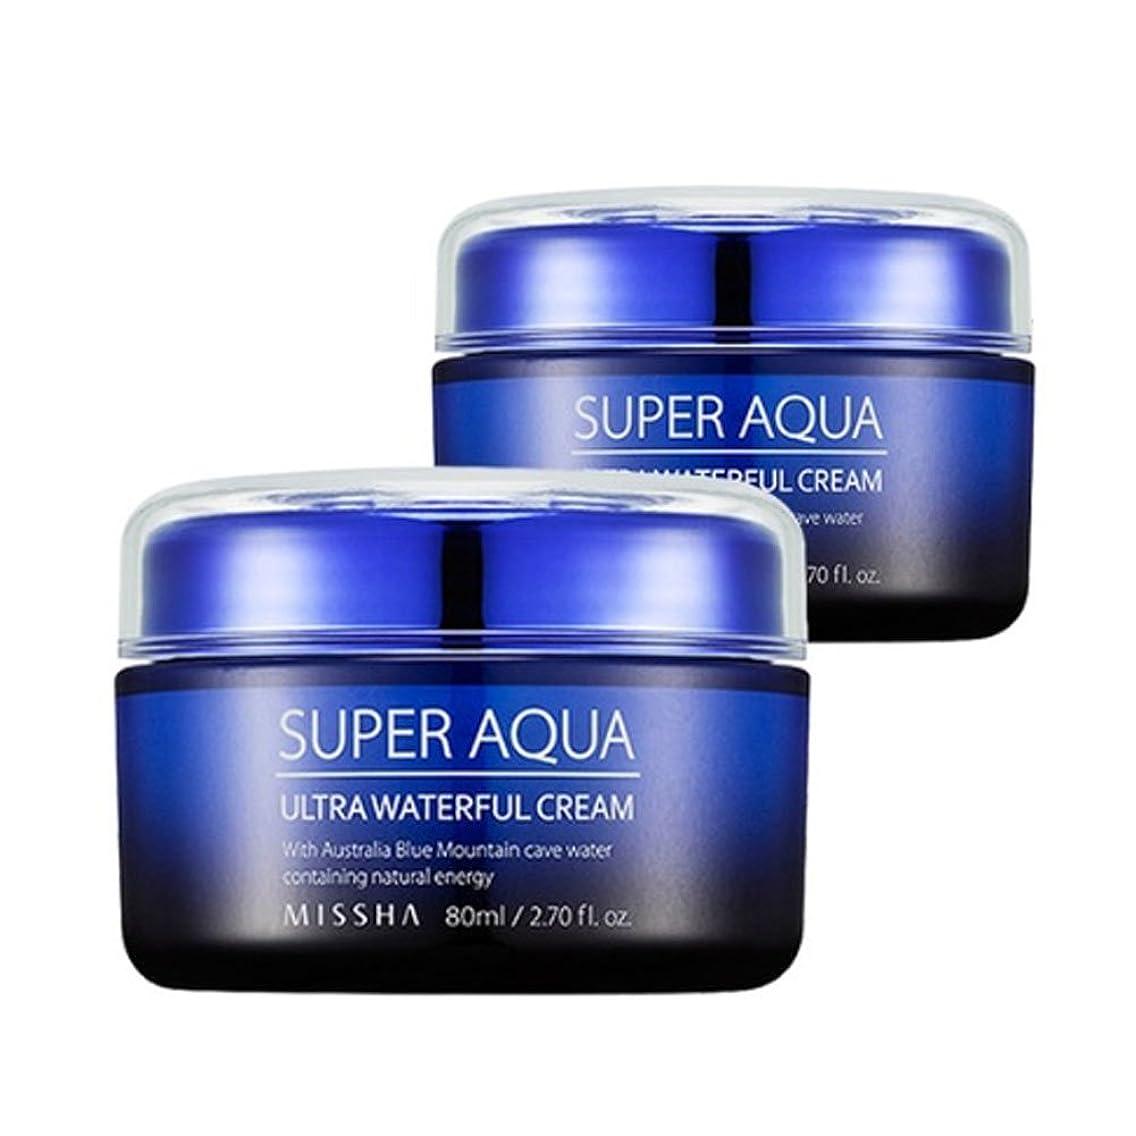 従う兵士魂ミシャスーパーアクアウルトラウォトプルクリーム80ml x 2本セット、MISSHA Super Aqua Ultra Waterful Cream 80ml x 2ea Set[並行輸入品]